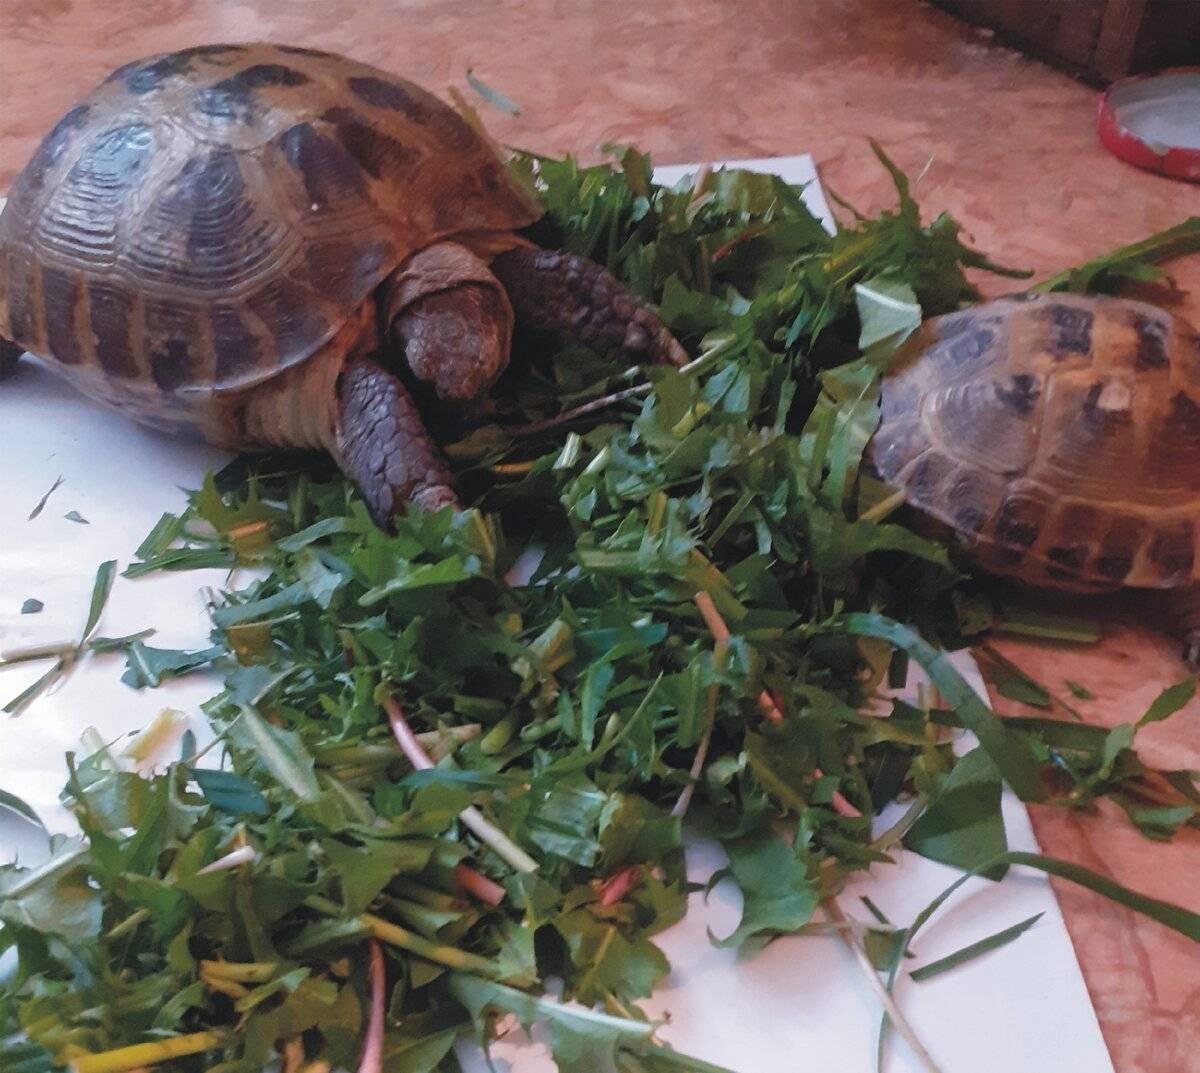 Как выбрать черепаху для дома? какую лучше черепаху выбрать? практические рекомендации1 min read. стоит ли заводить дома черепаху? иловая или головастая